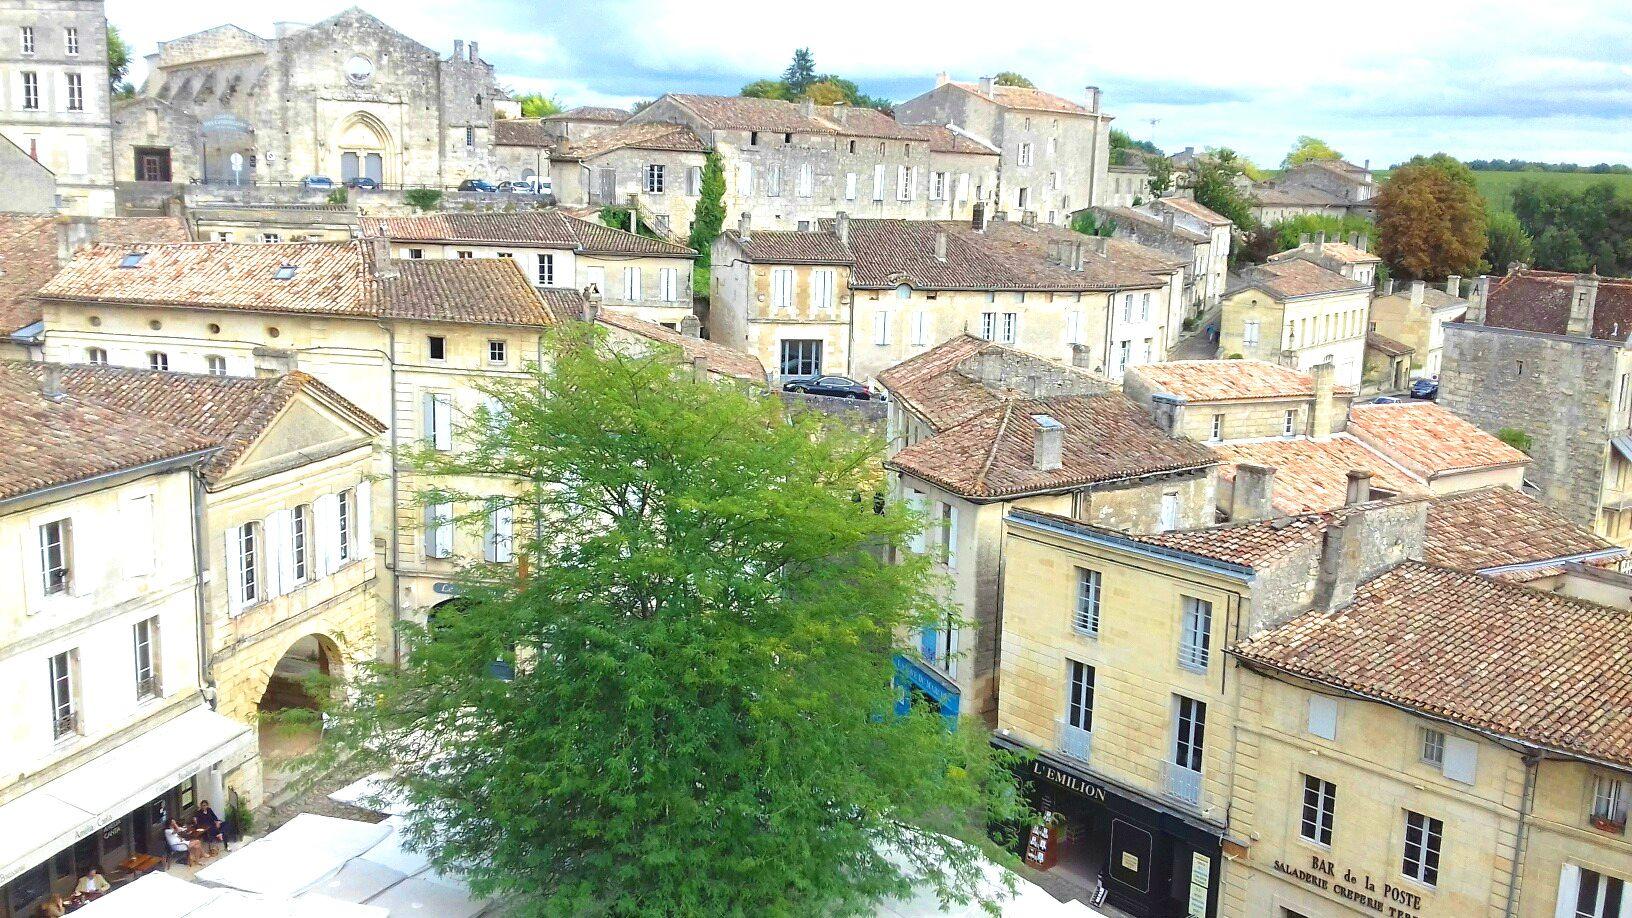 Vue depuis le clocher vers la chapelle des au dessus de la place du marché.